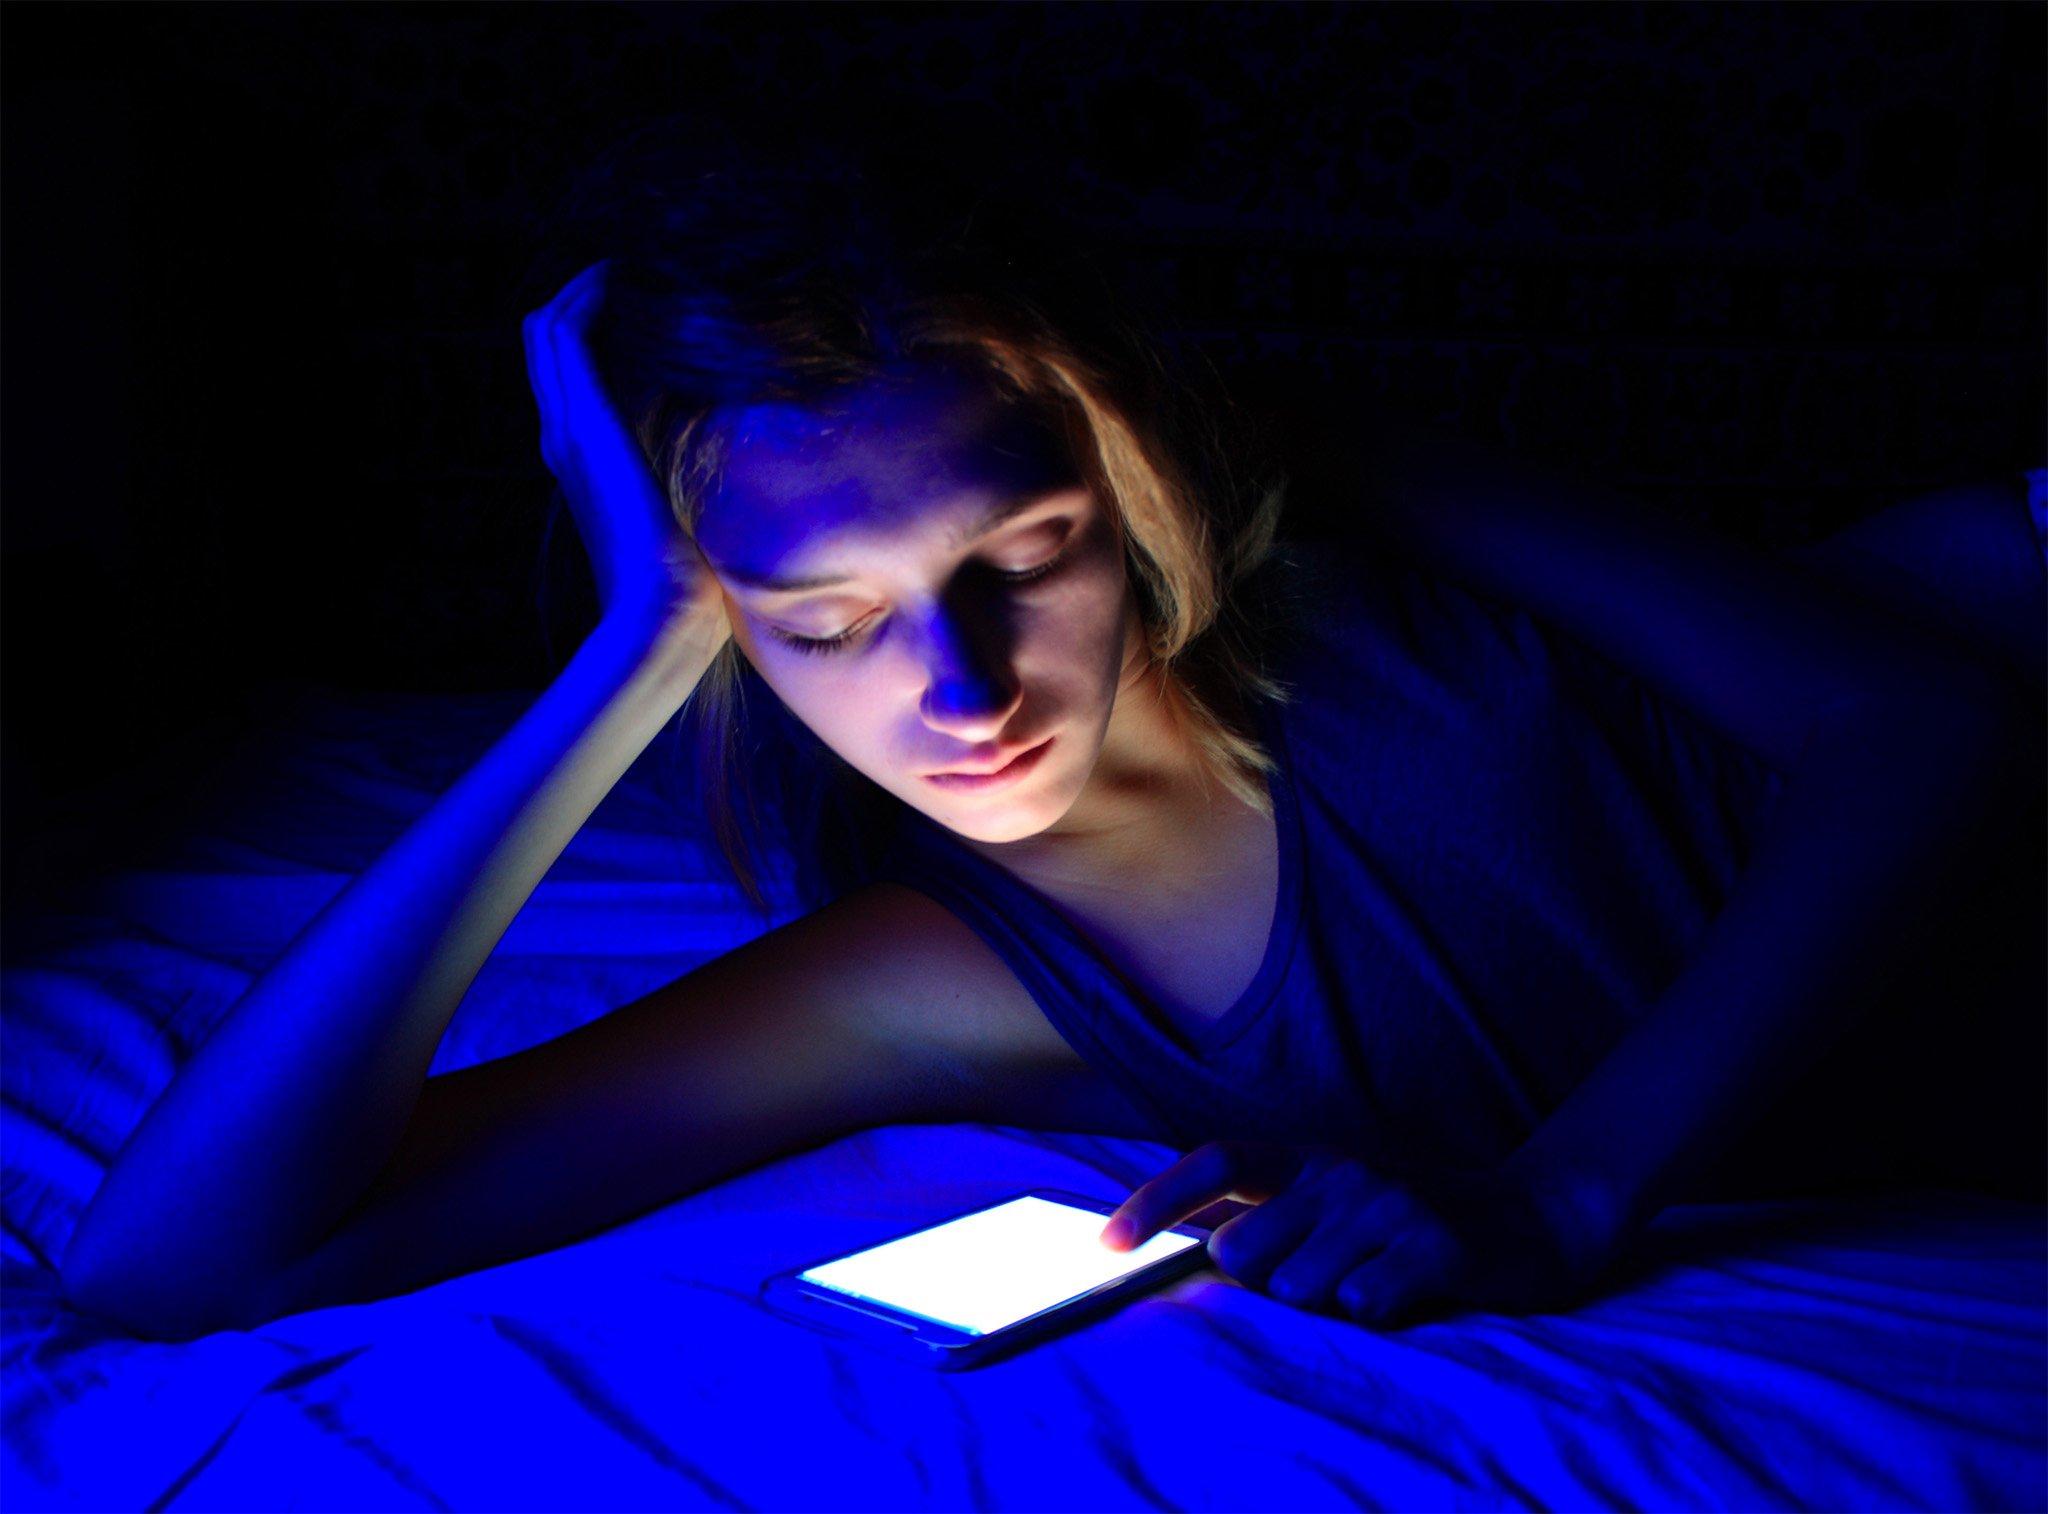 eDoctor - Bạn có biết, tiếp xúc nhiều với ánh sáng xanh sẽ khiến da nhanh lão hóa hơn?